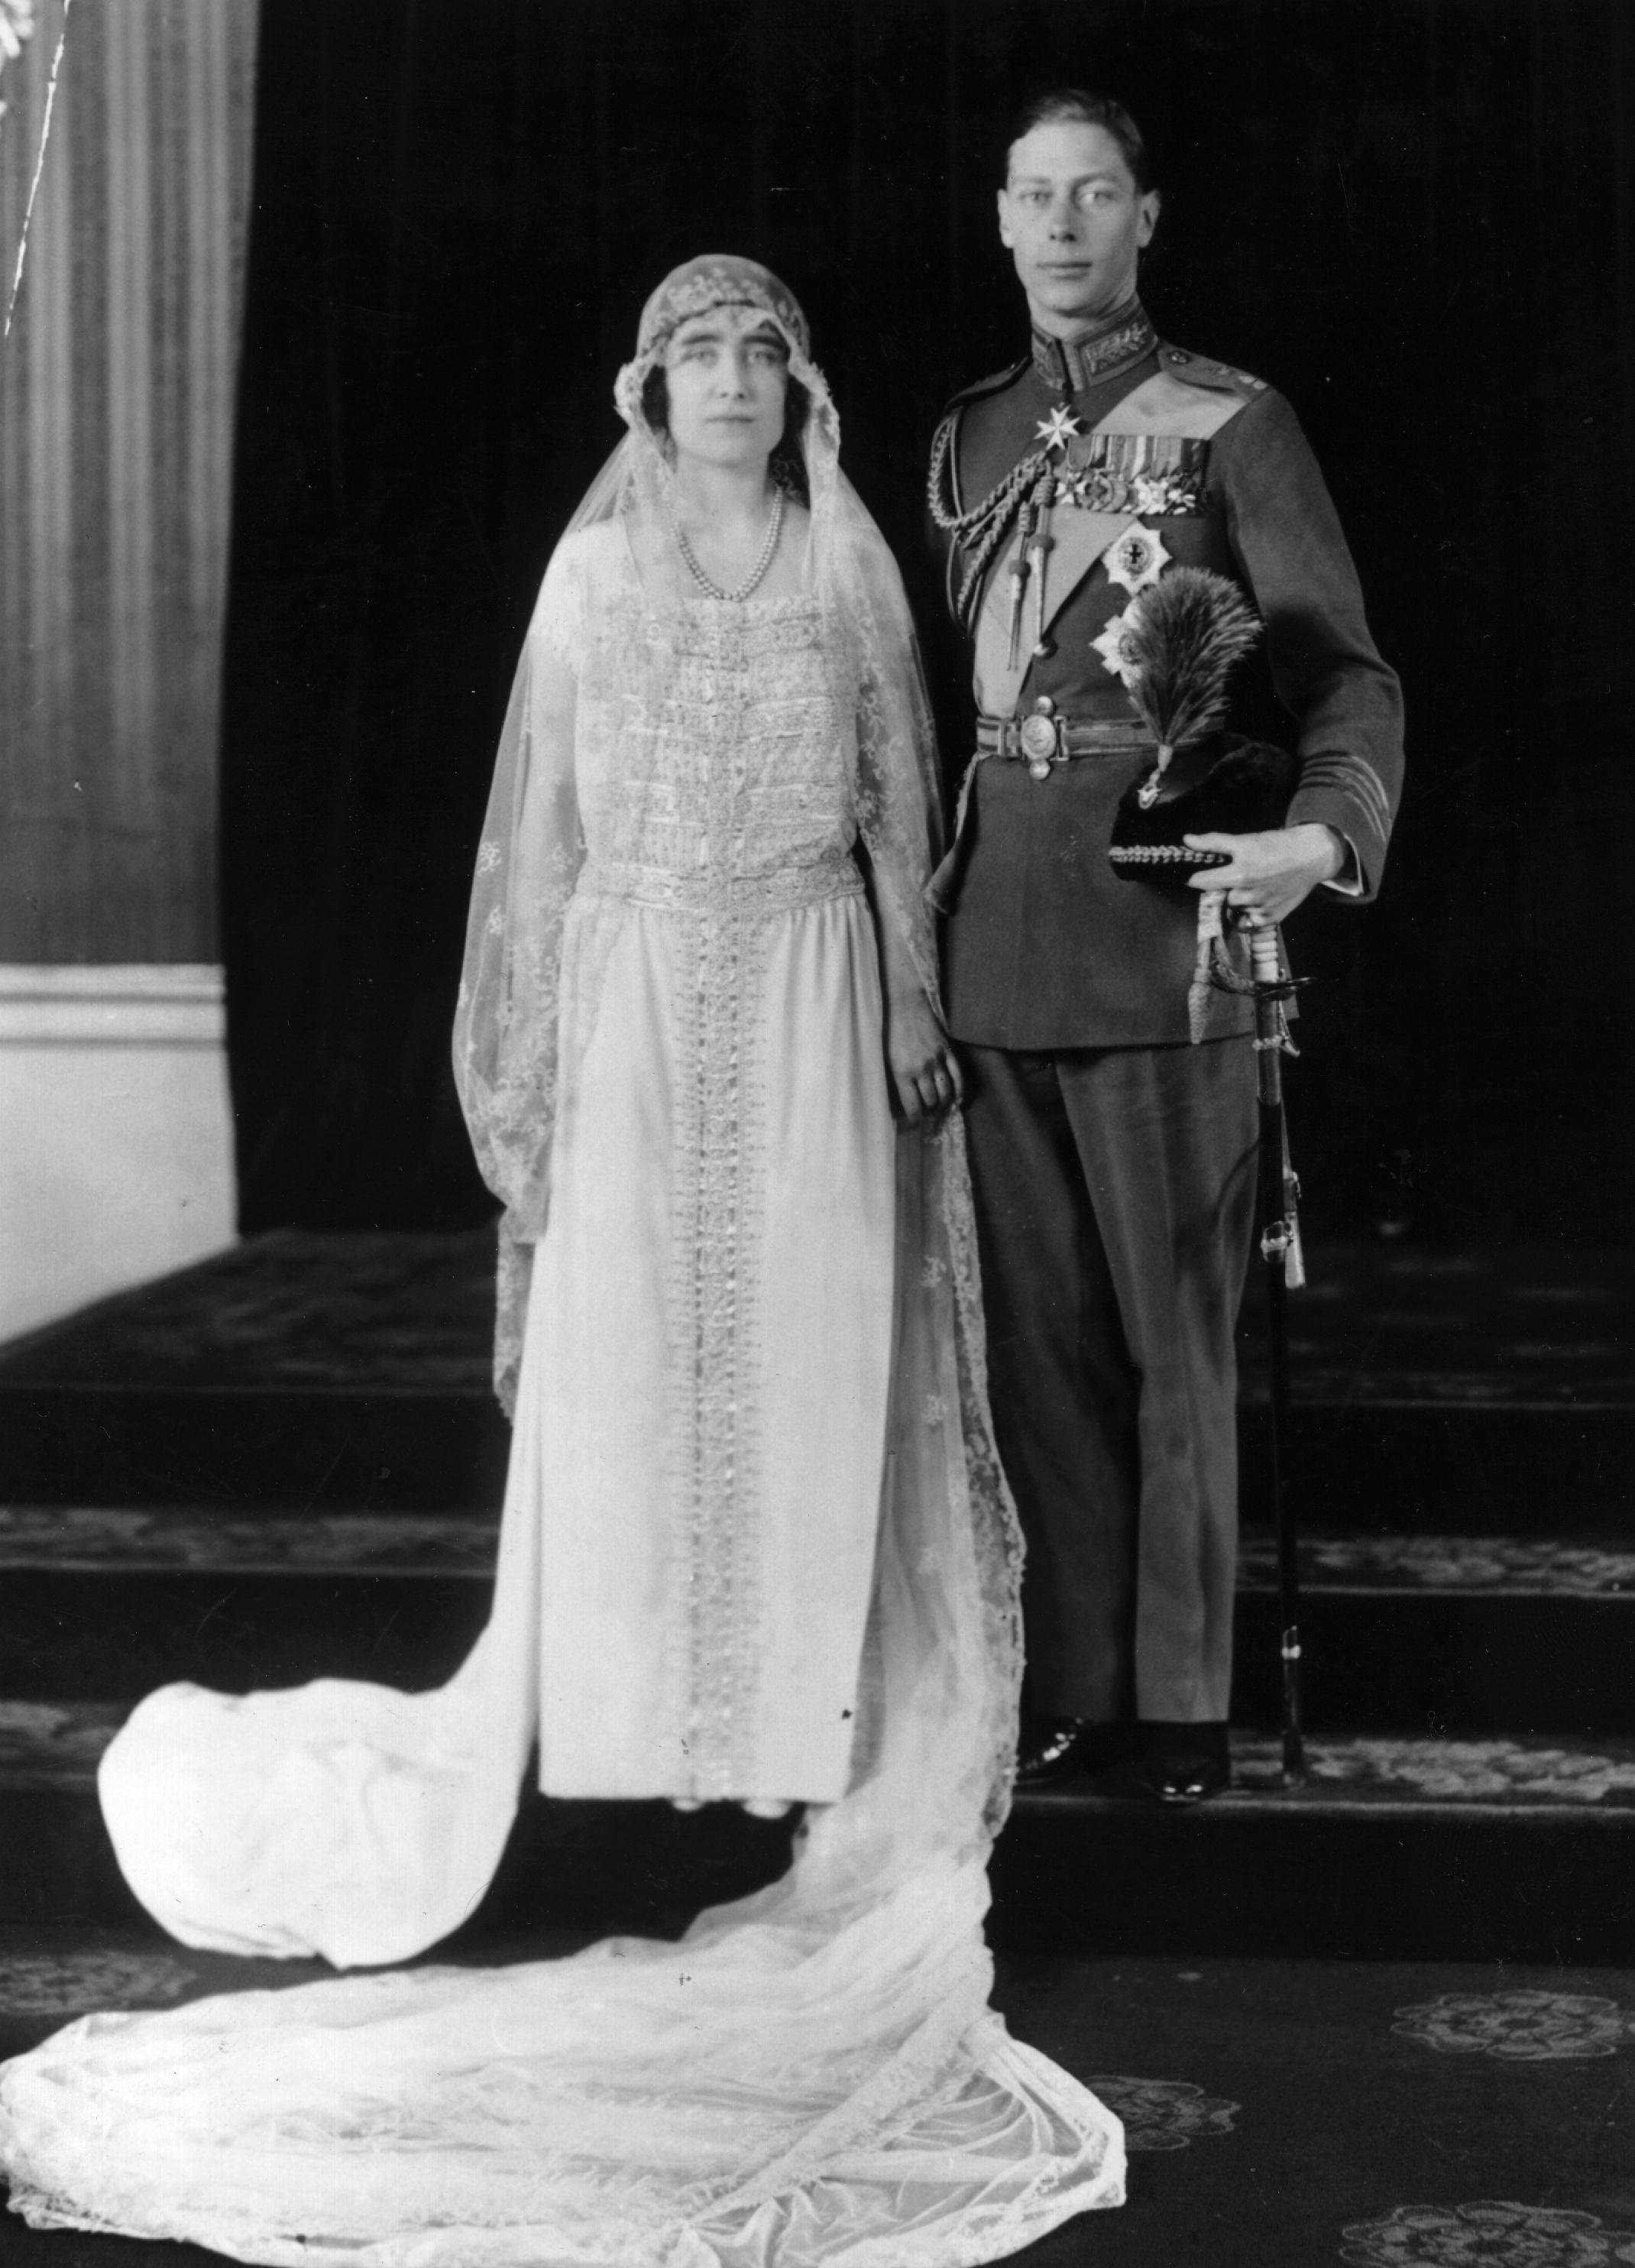 Królewskie Śluby - książę Albert (Król Jerzy VI) i Elizabeth Bowes-Lyon (Królowa Elżbieta).